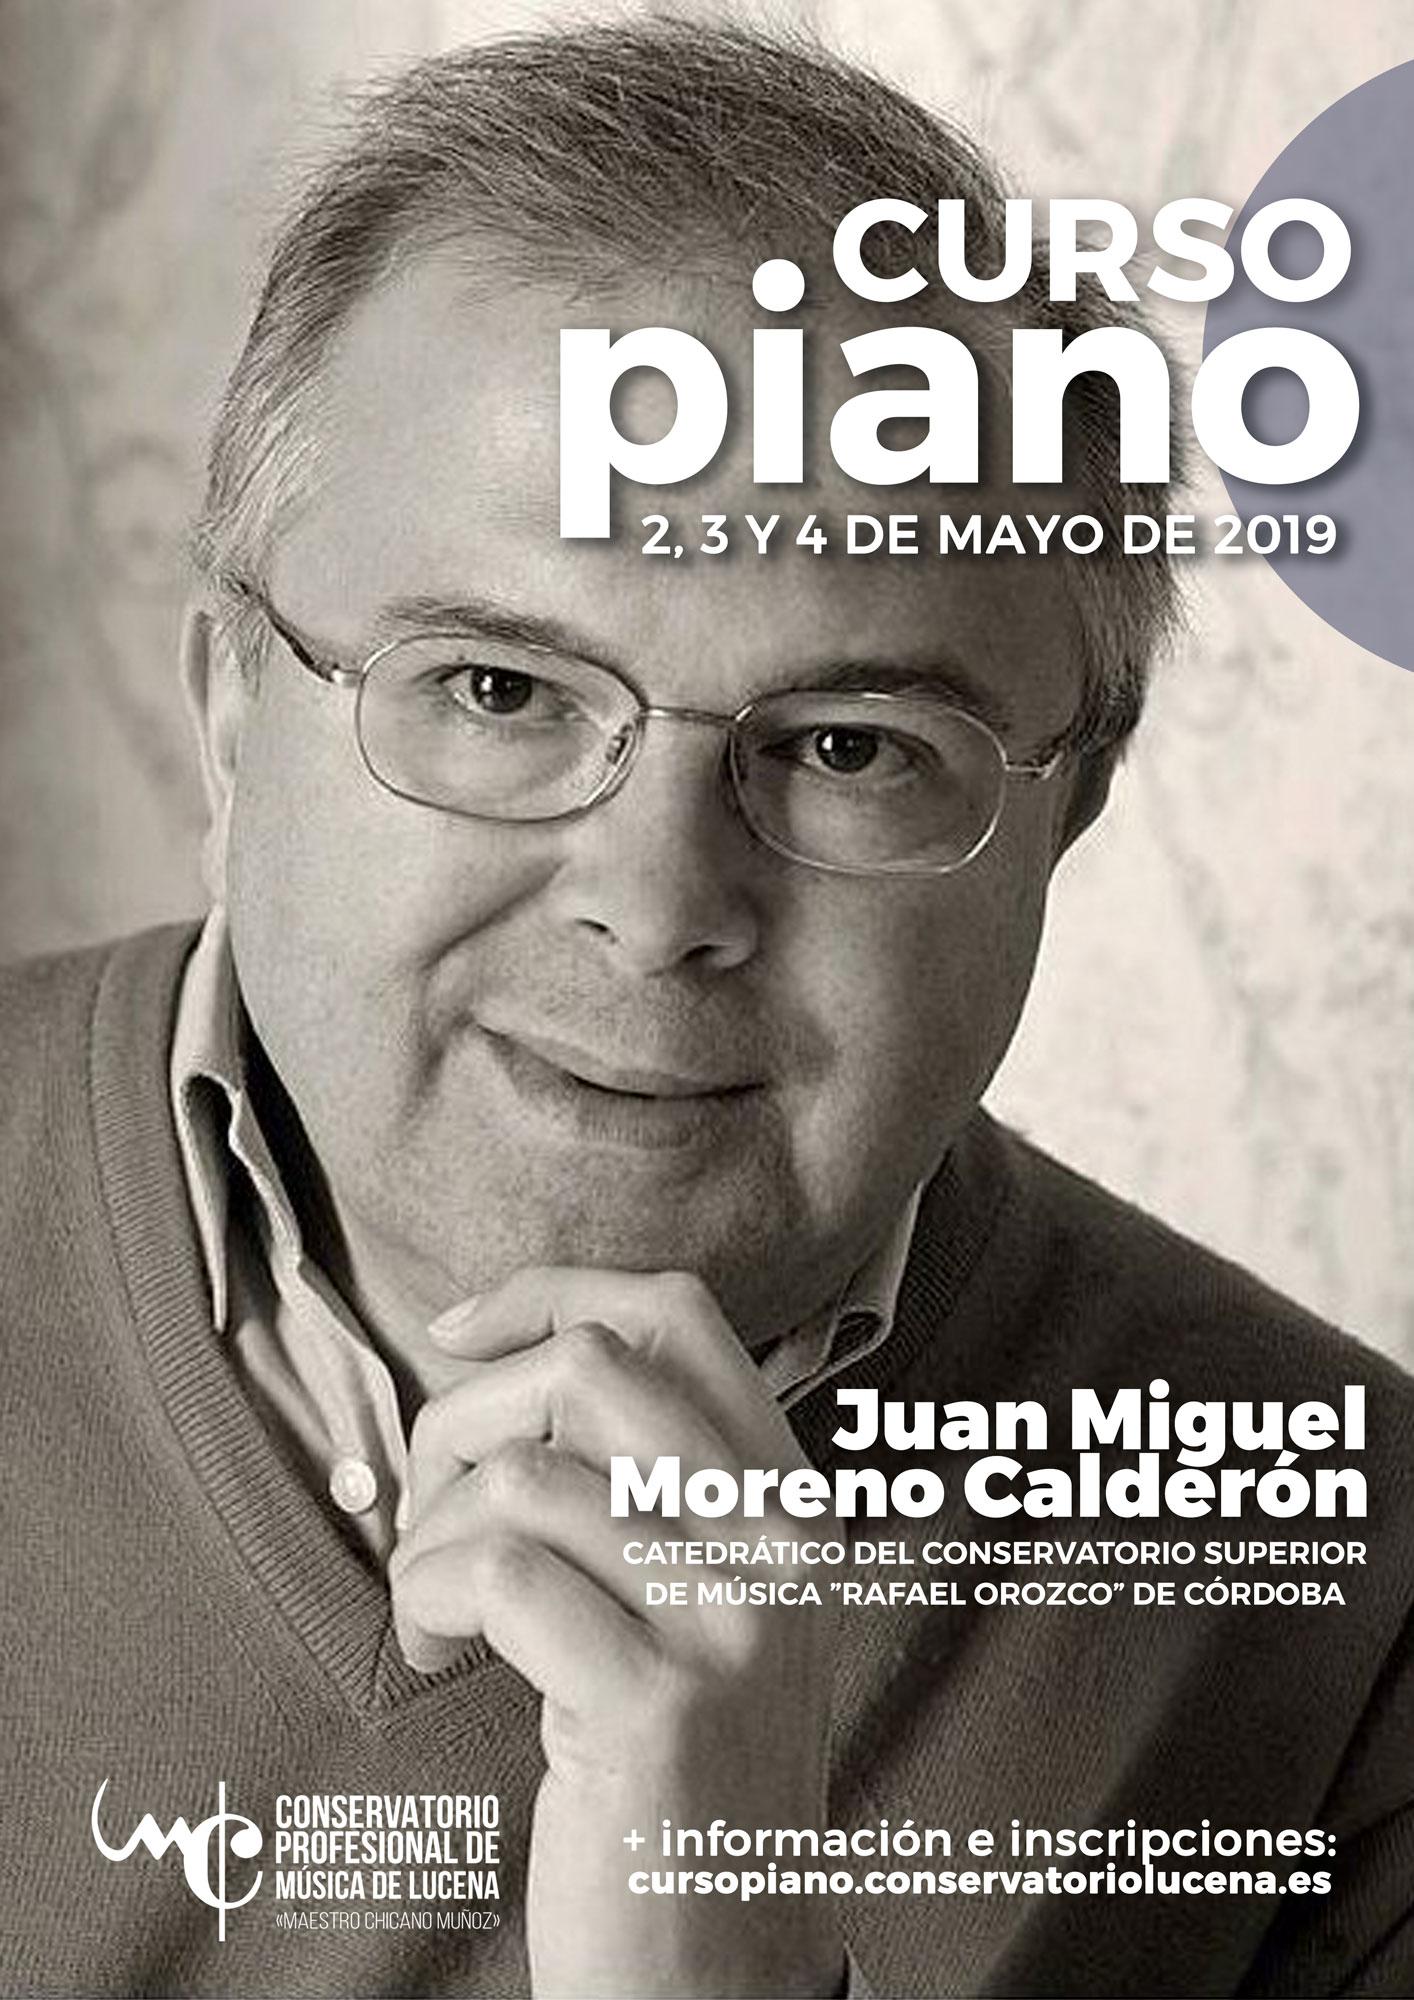 Curso de piano impartido por Juan Miguel Moreno Calderón